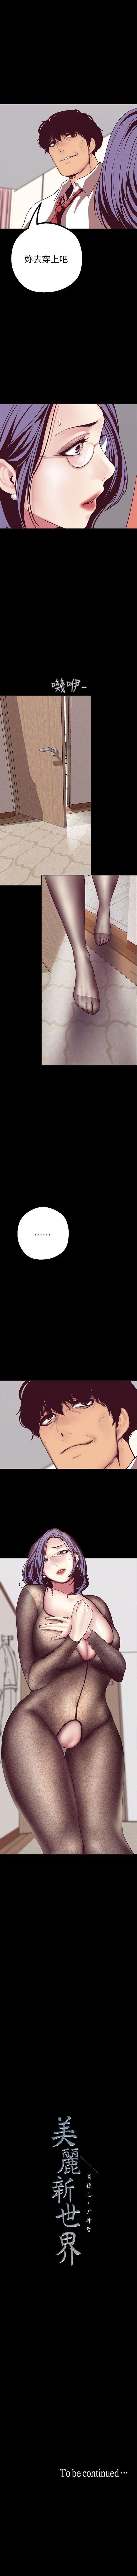 美麗新世界 1-85 官方中文(連載中) 129